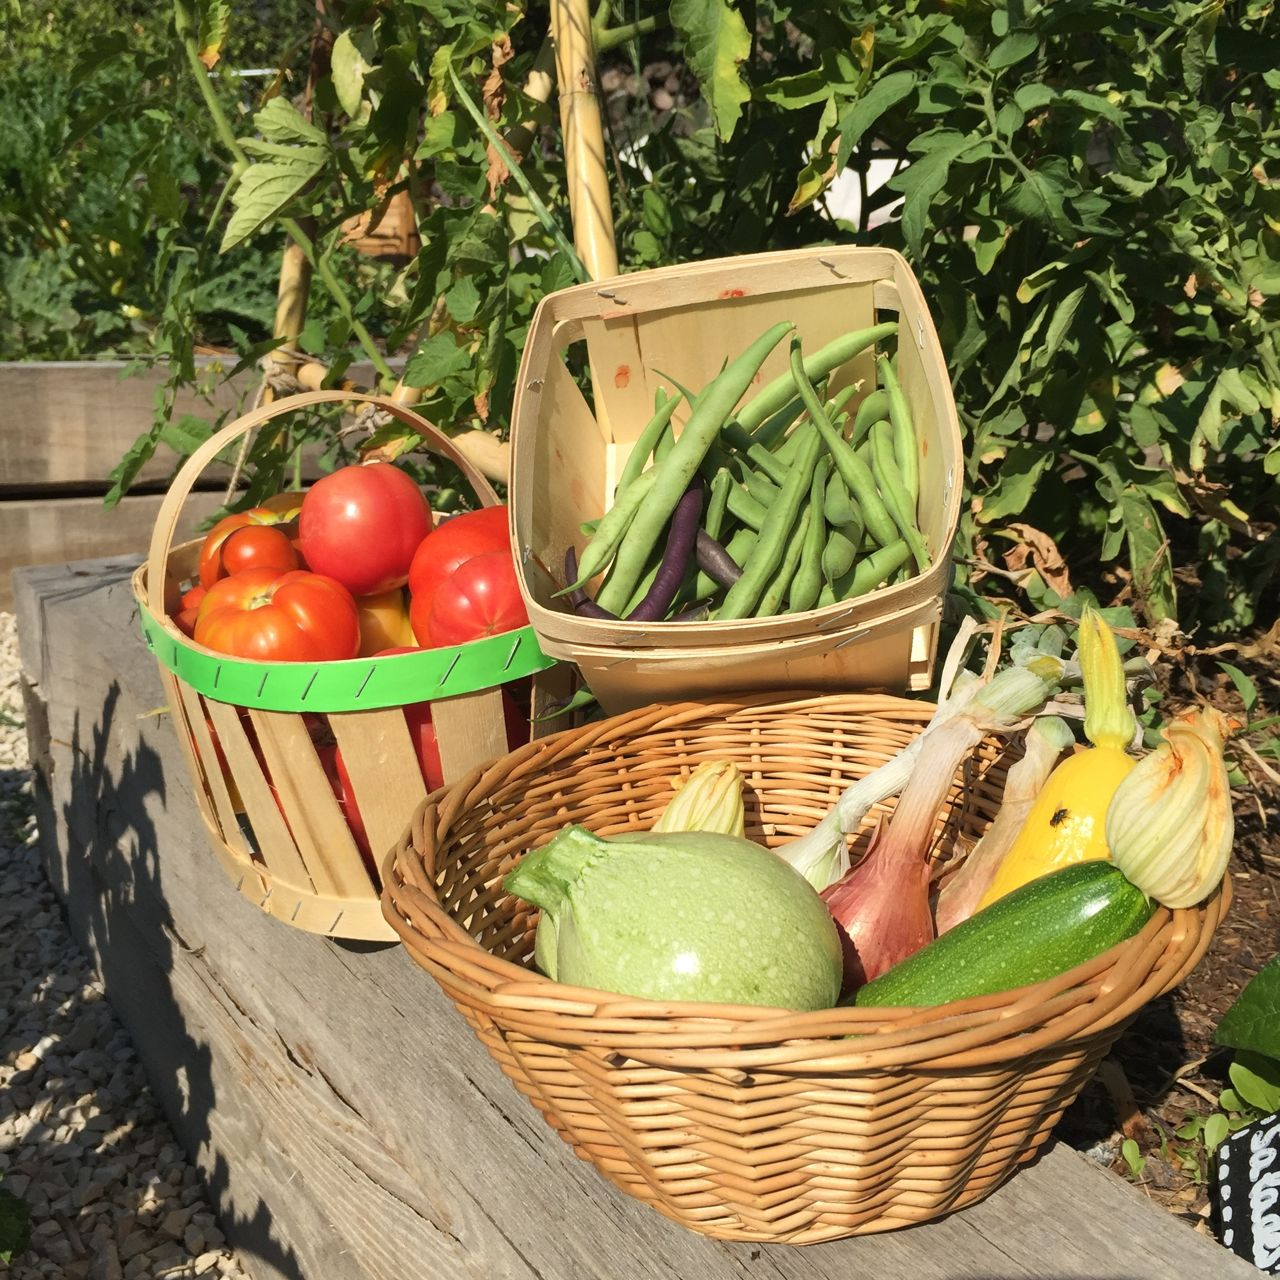 Summer and the kitchen garden